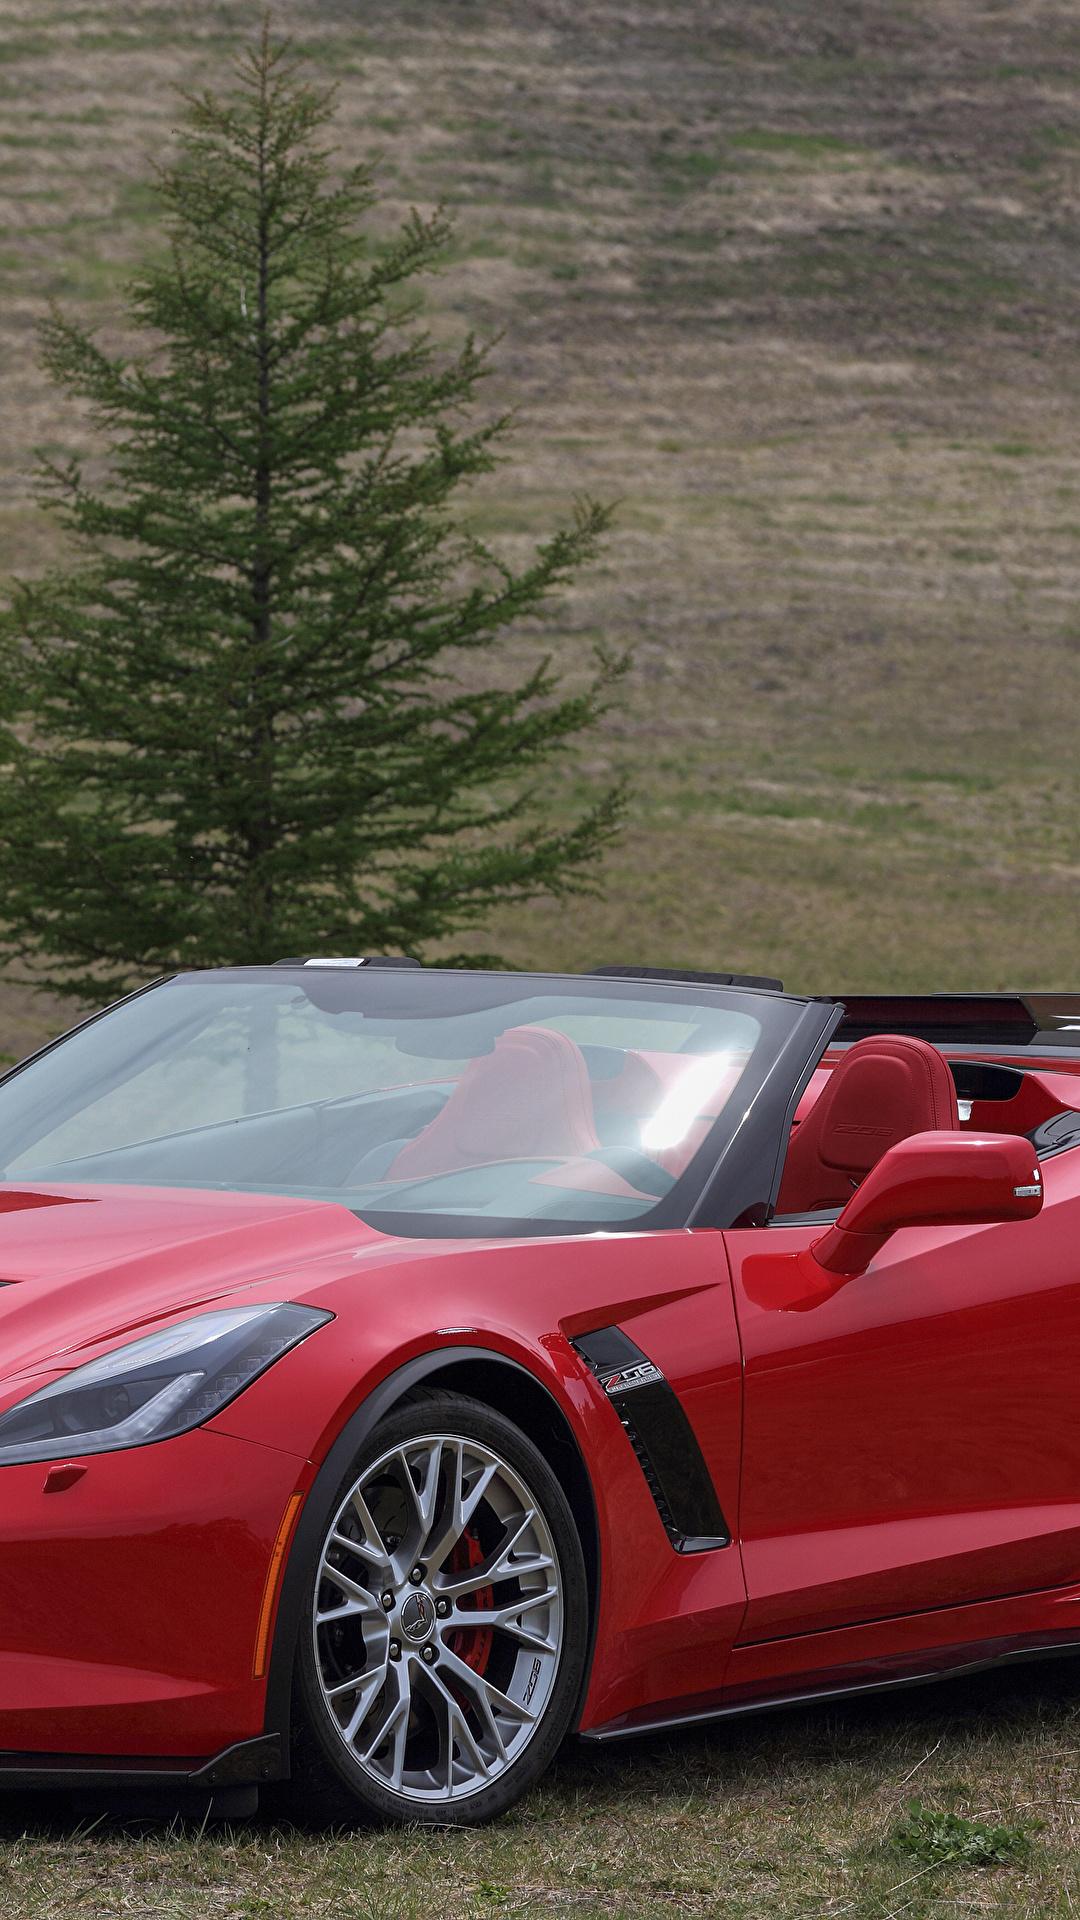 Фотографии Chevrolet 2015–17 Corvette Z06 кабриолета красные машины Металлик 1080x1920 Шевроле Кабриолет красных Красный красная авто машина автомобиль Автомобили